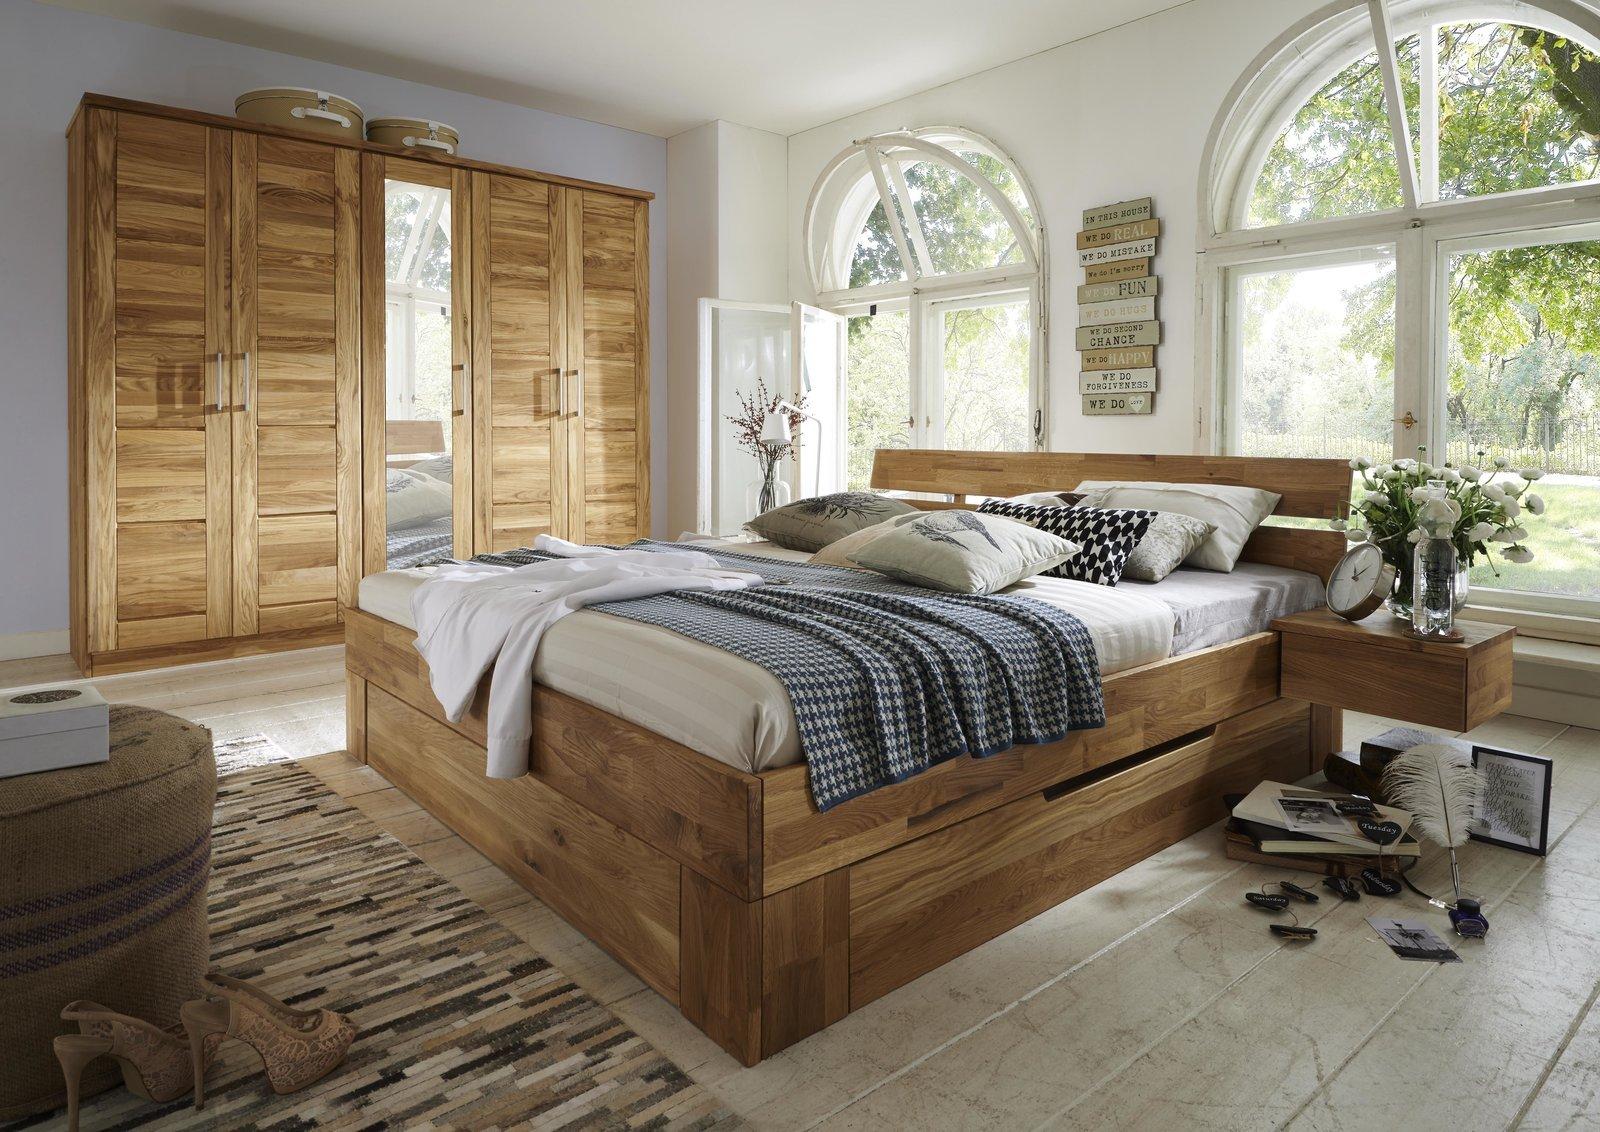 Full Size of Schlafzimmer Komplett Weiß Sessel Günstige Teppich Komplettes Vorhänge Nolte Regale Guenstig Romantische Günstig Wandtattoo Bett 160x200 Deckenleuchten Schlafzimmer Günstige Schlafzimmer Komplett